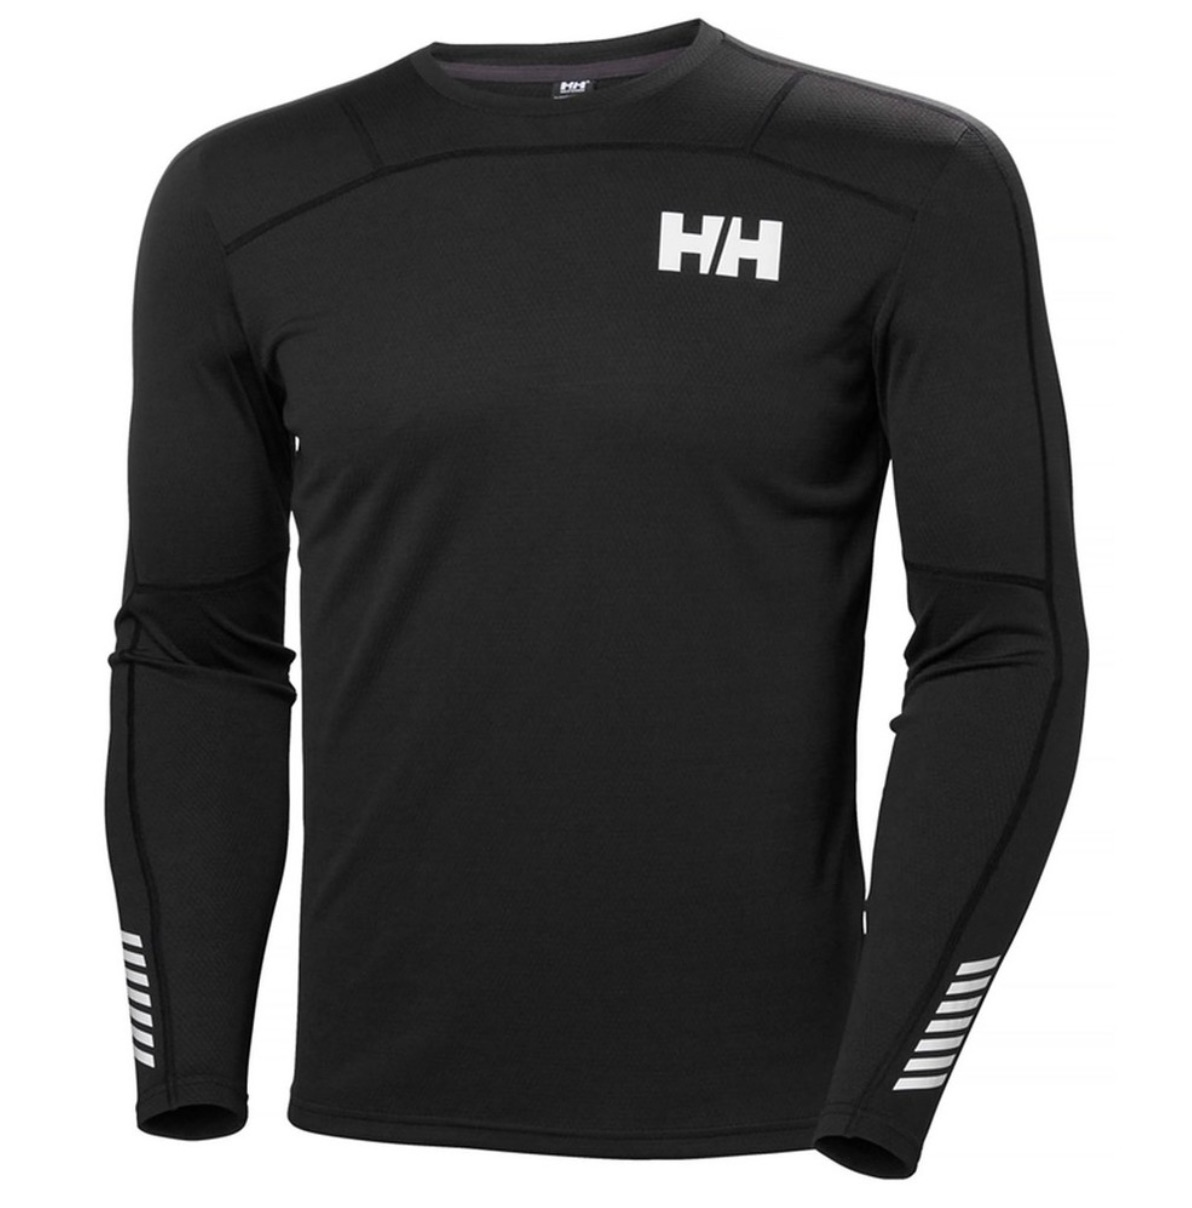 HELLY HANSEN Camiseta térmica de hombre HH Lifa Active Crew Helly Hansen